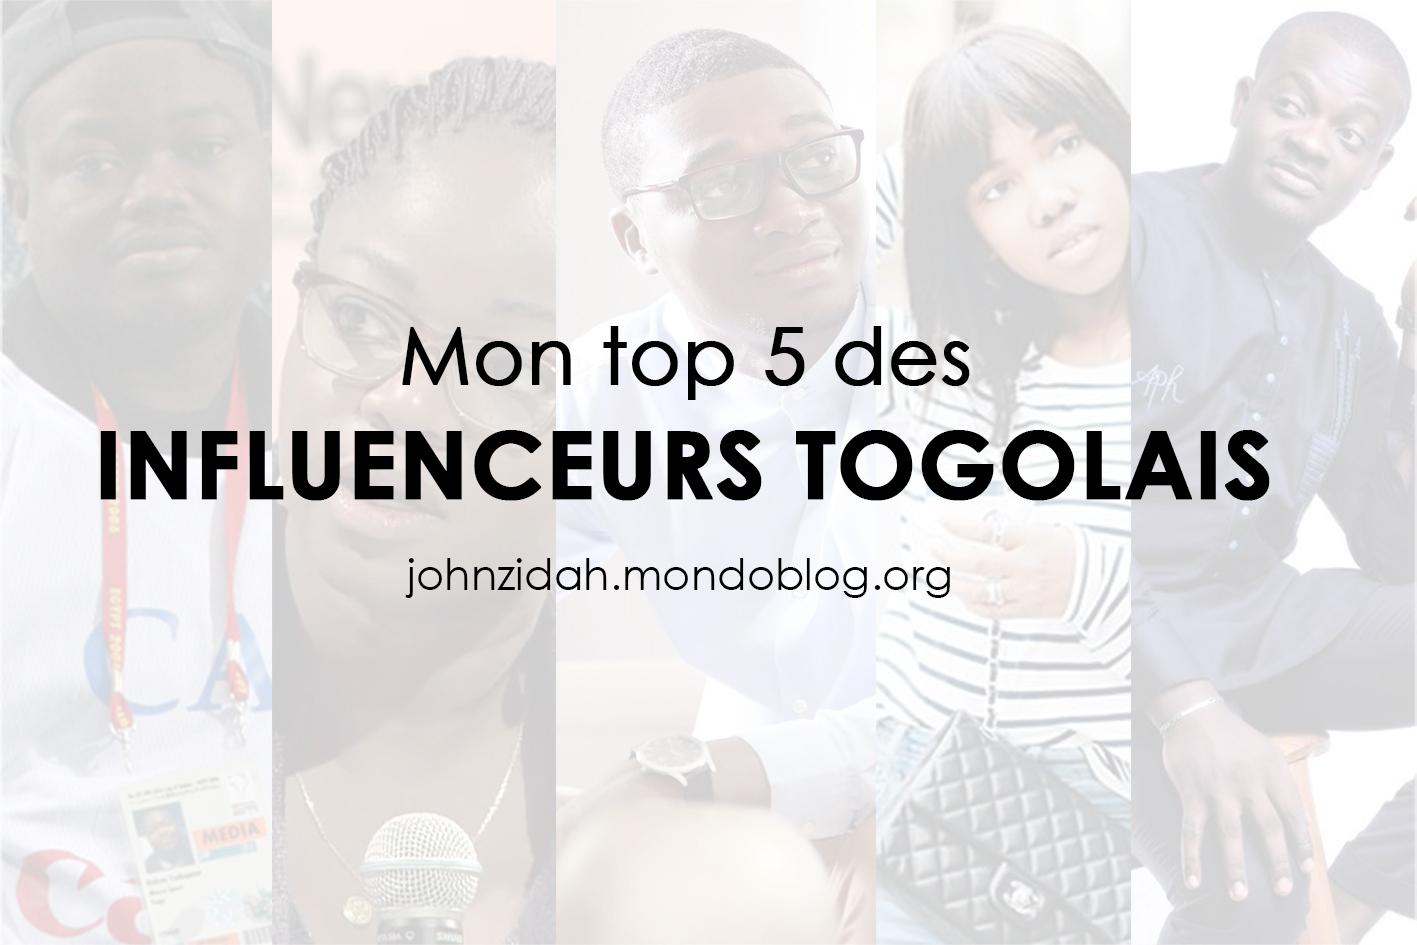 Mon top 5 des influenceurs togolais